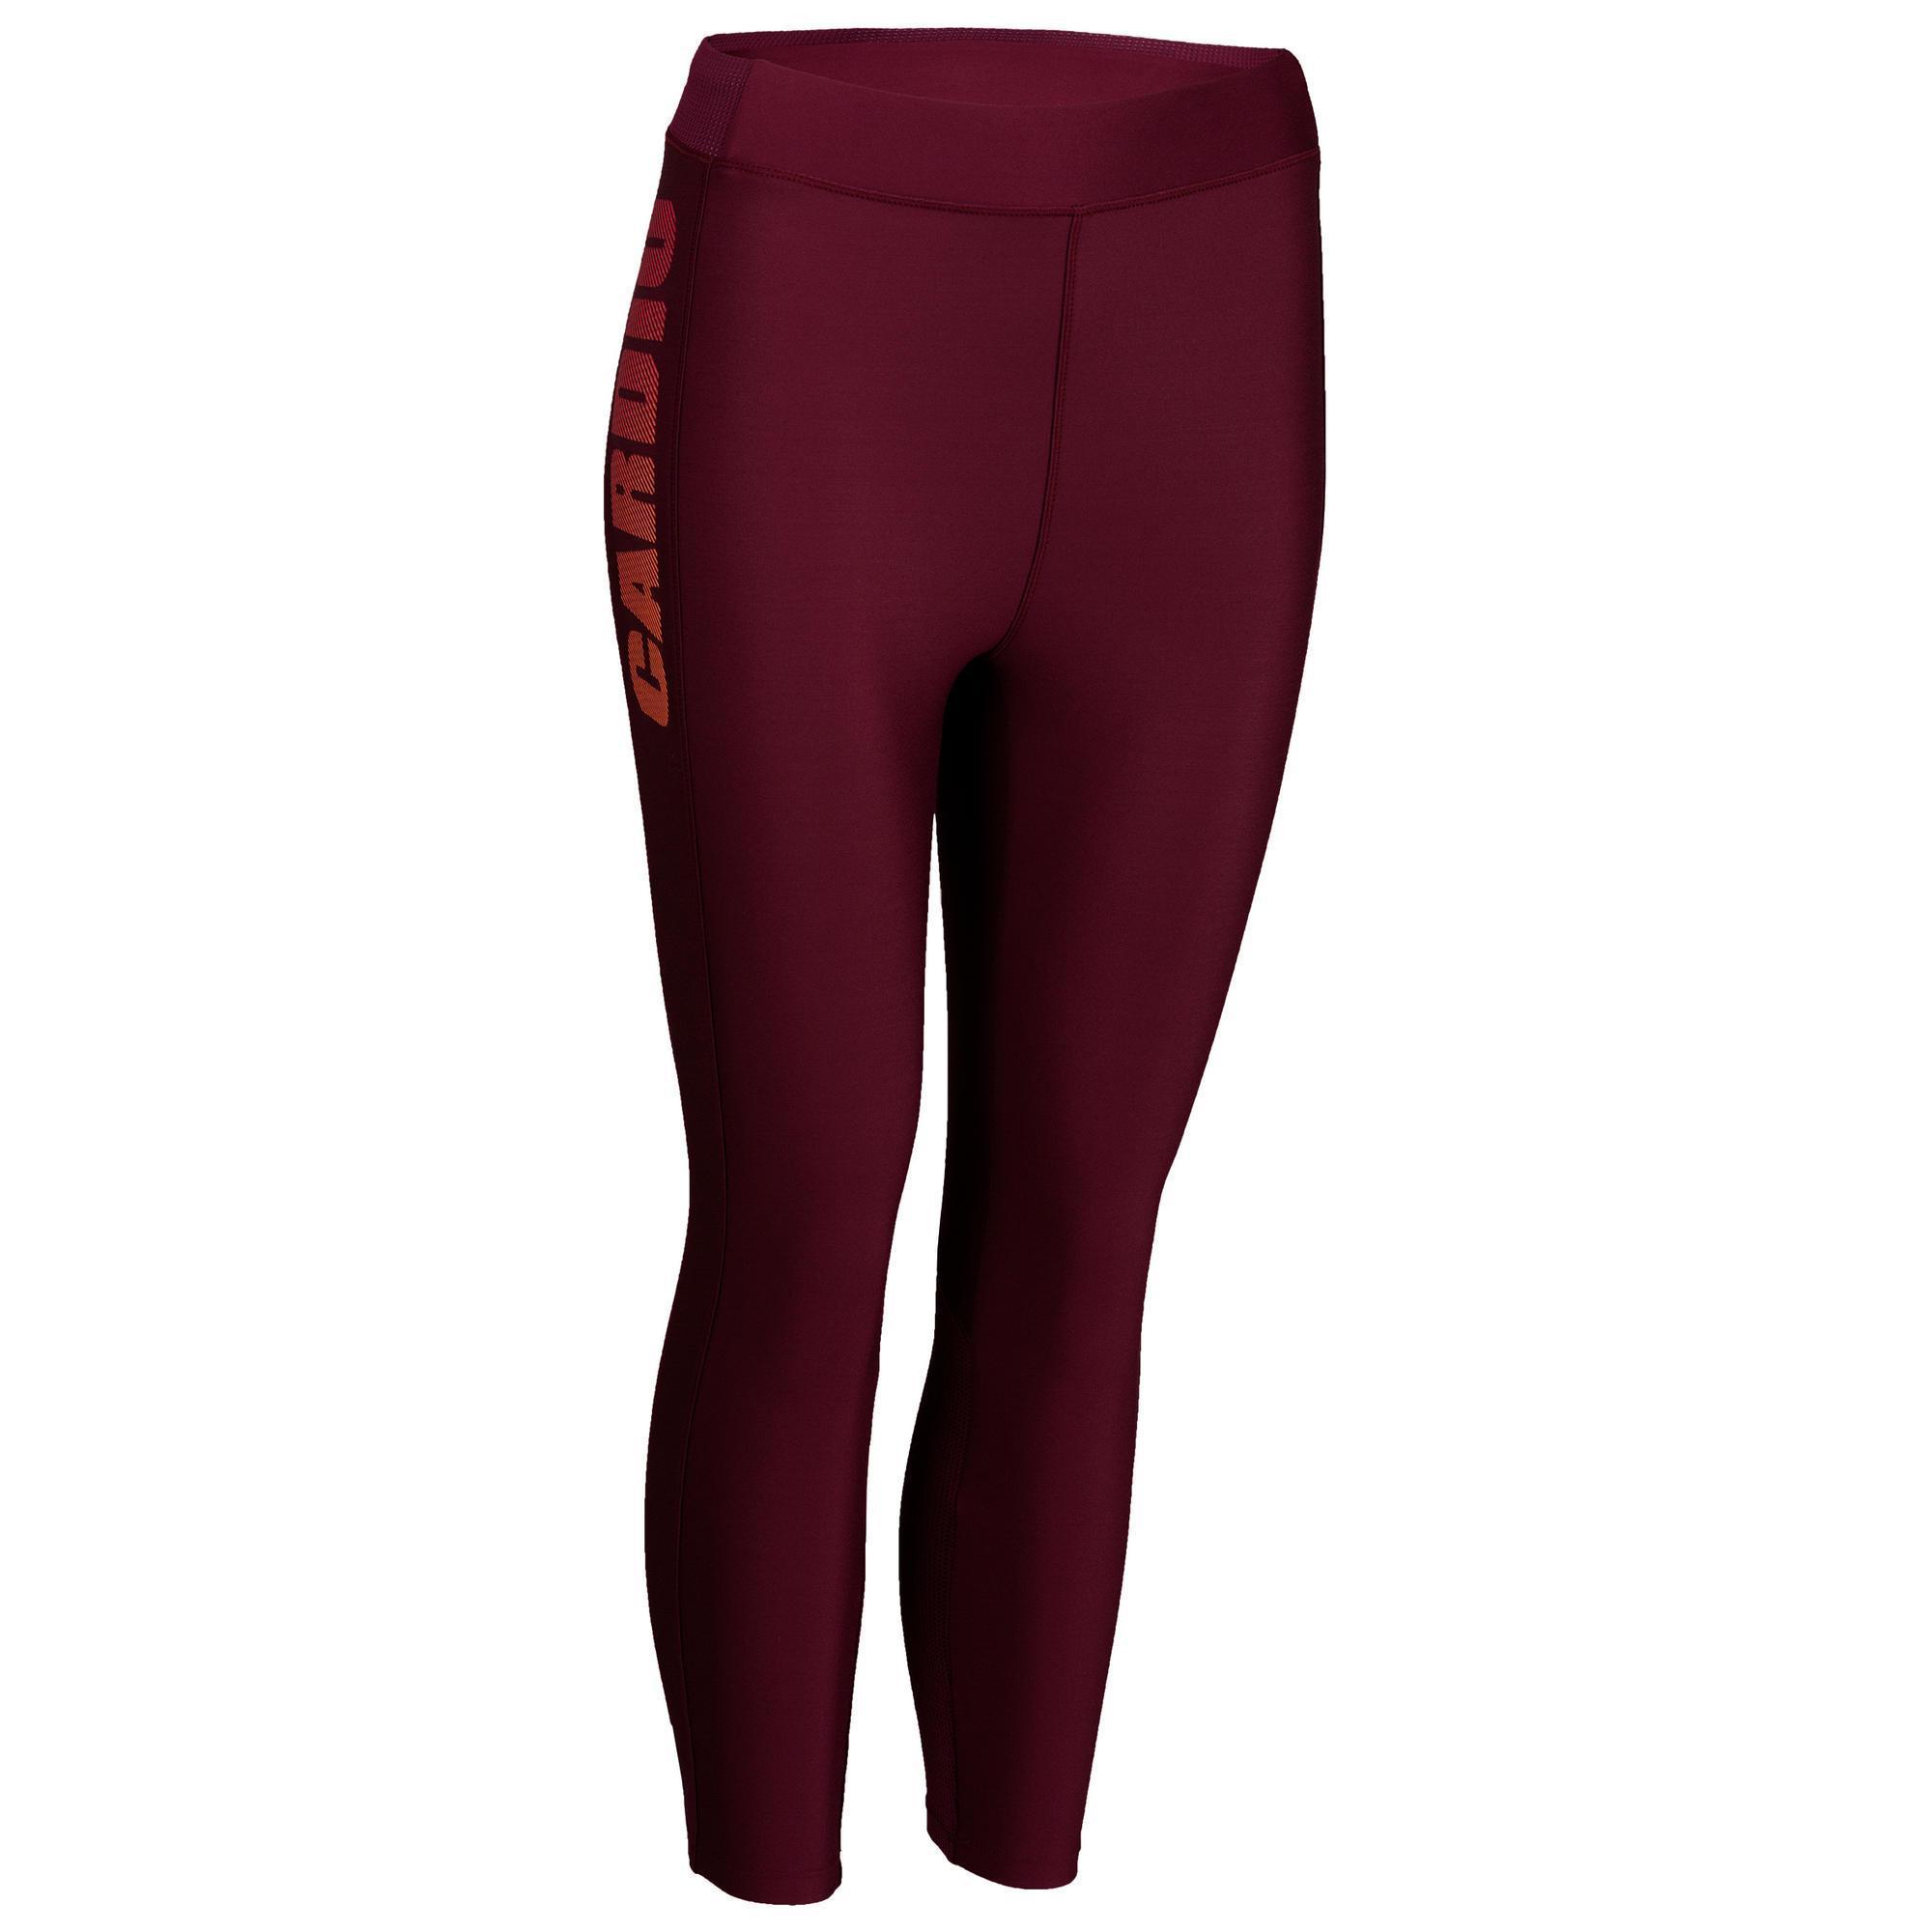 Domyos Fitness legging 120 voor dames 7/8 kopen? Leest dit eerst: Fitness kleding Fitness legging met korting